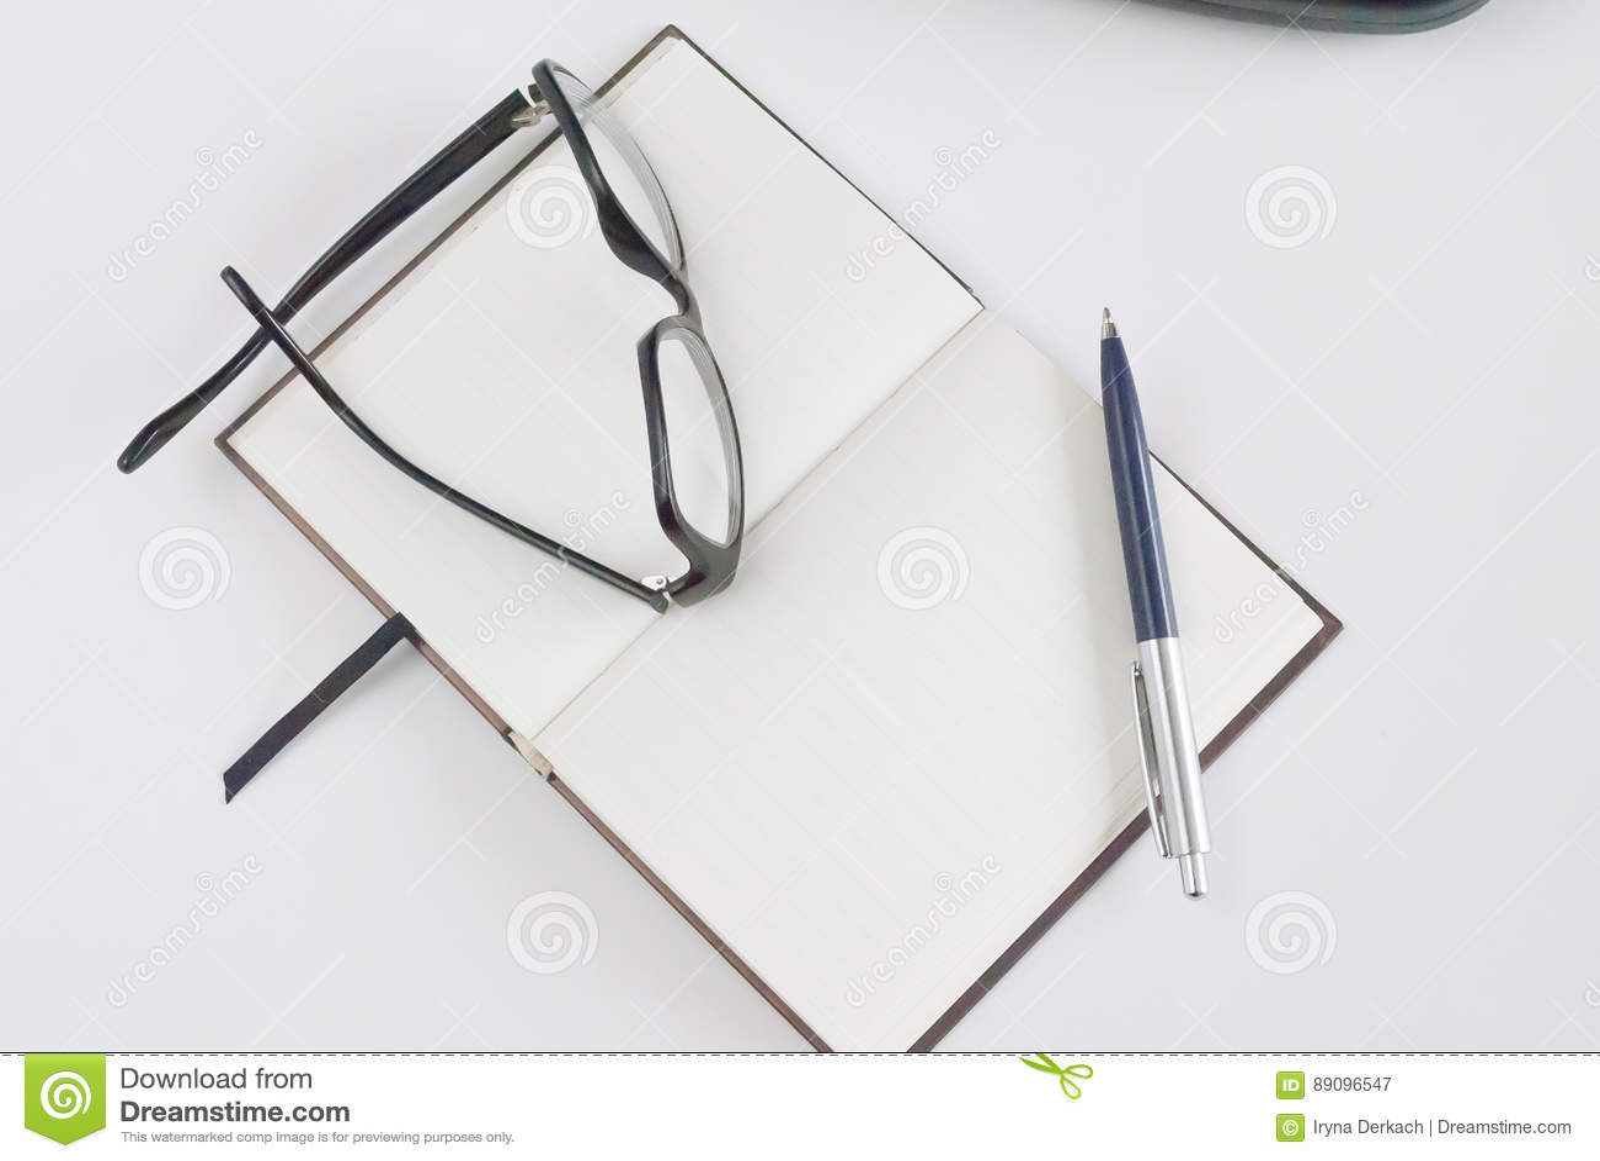 Bloc Notes Pour écrire Le Texte Image Stock Image Du Bloc